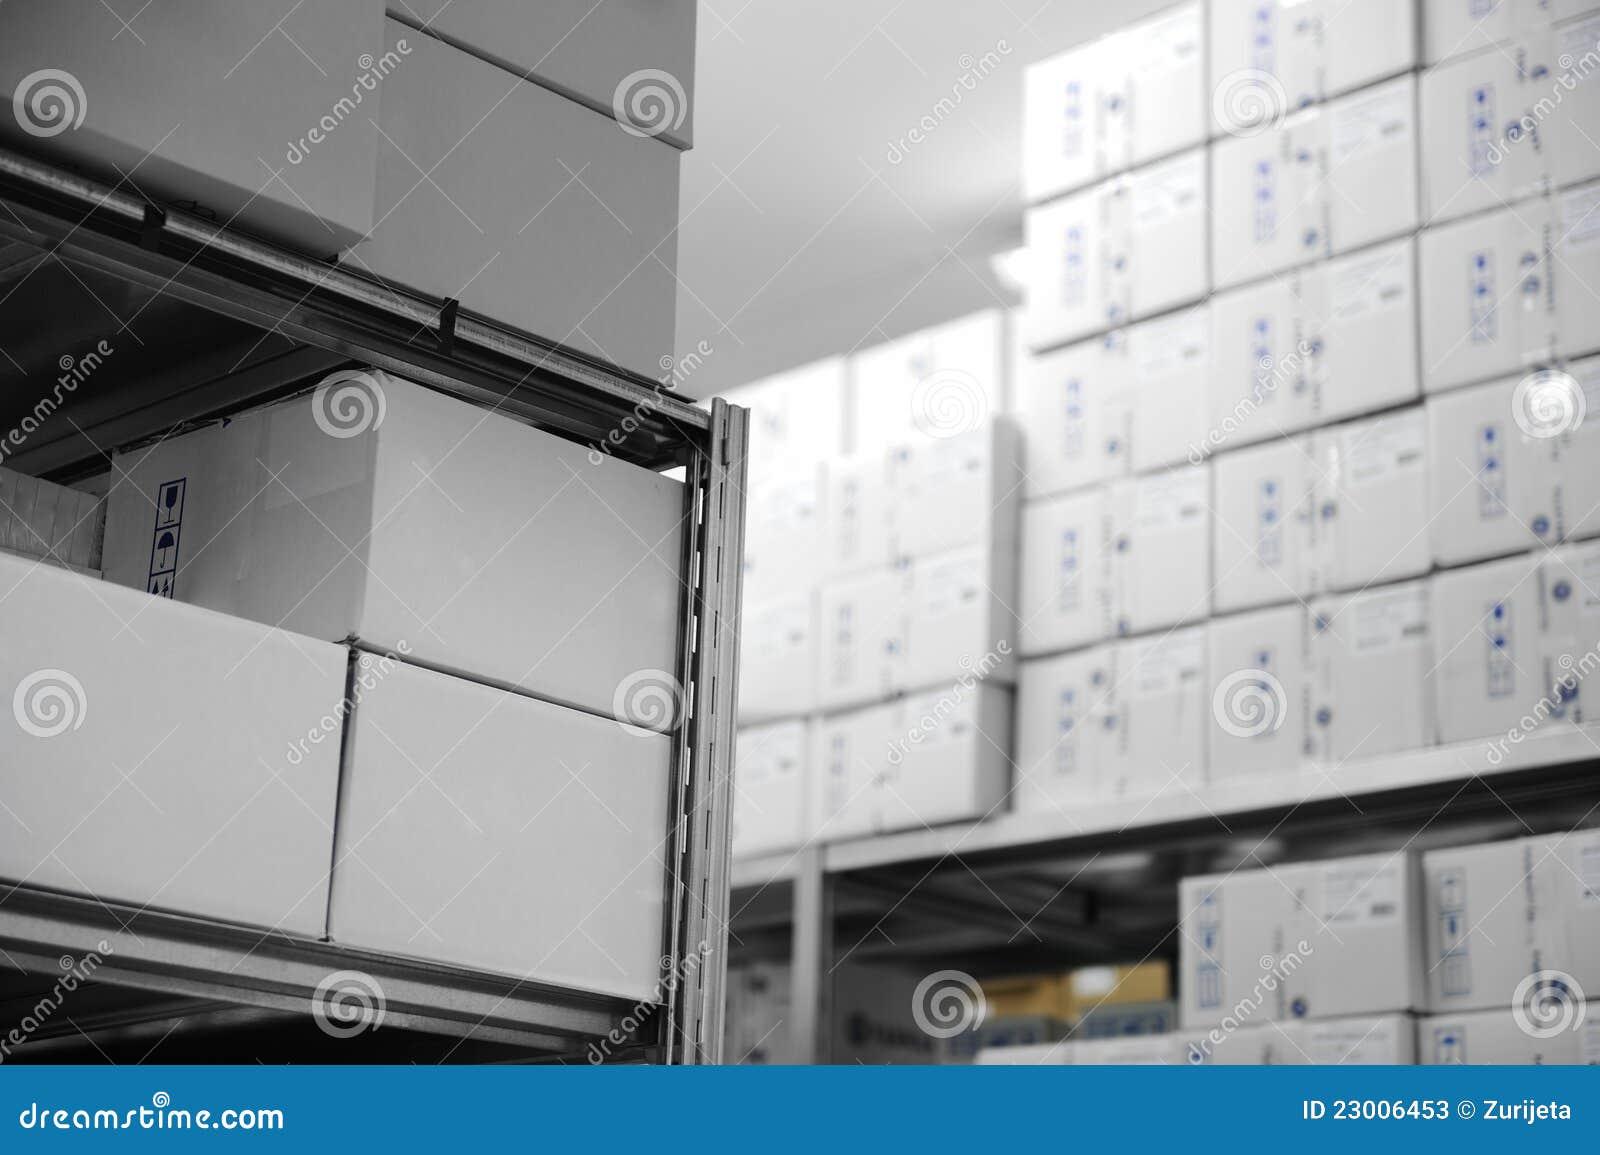 εσωτερική σύγχρονη αποθήκη εμπορευμάτων